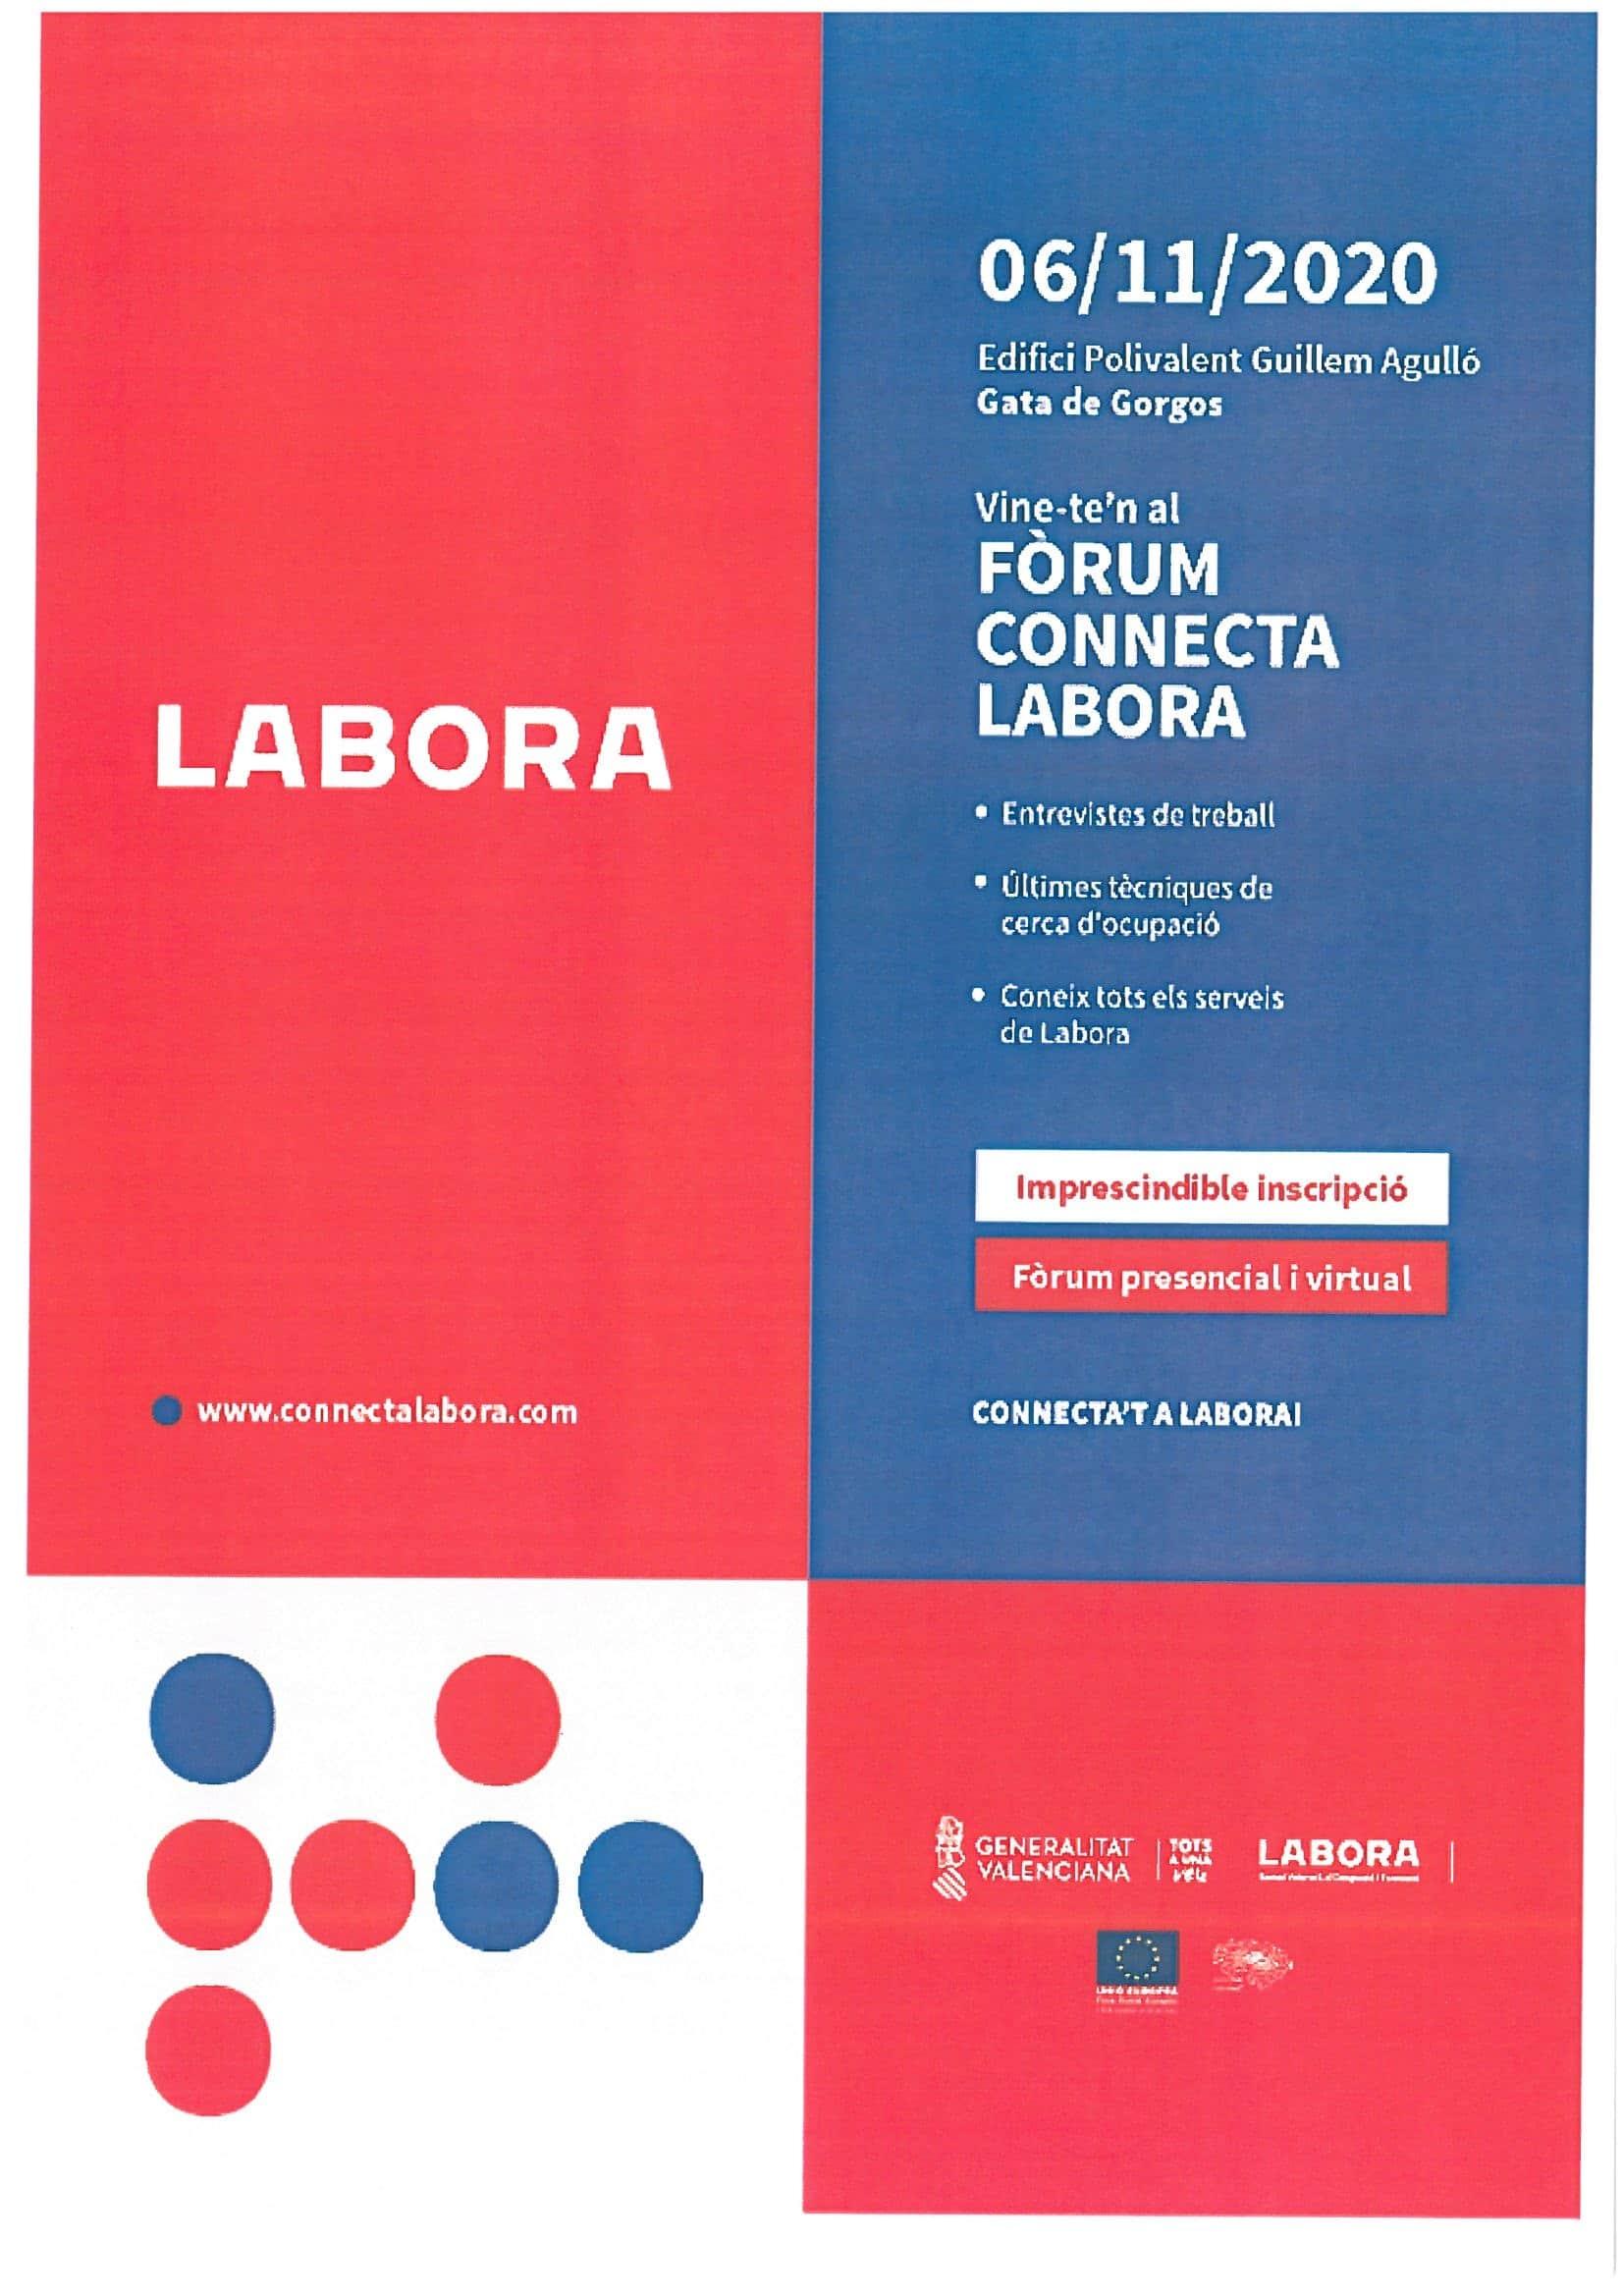 Forum Conecta Labora